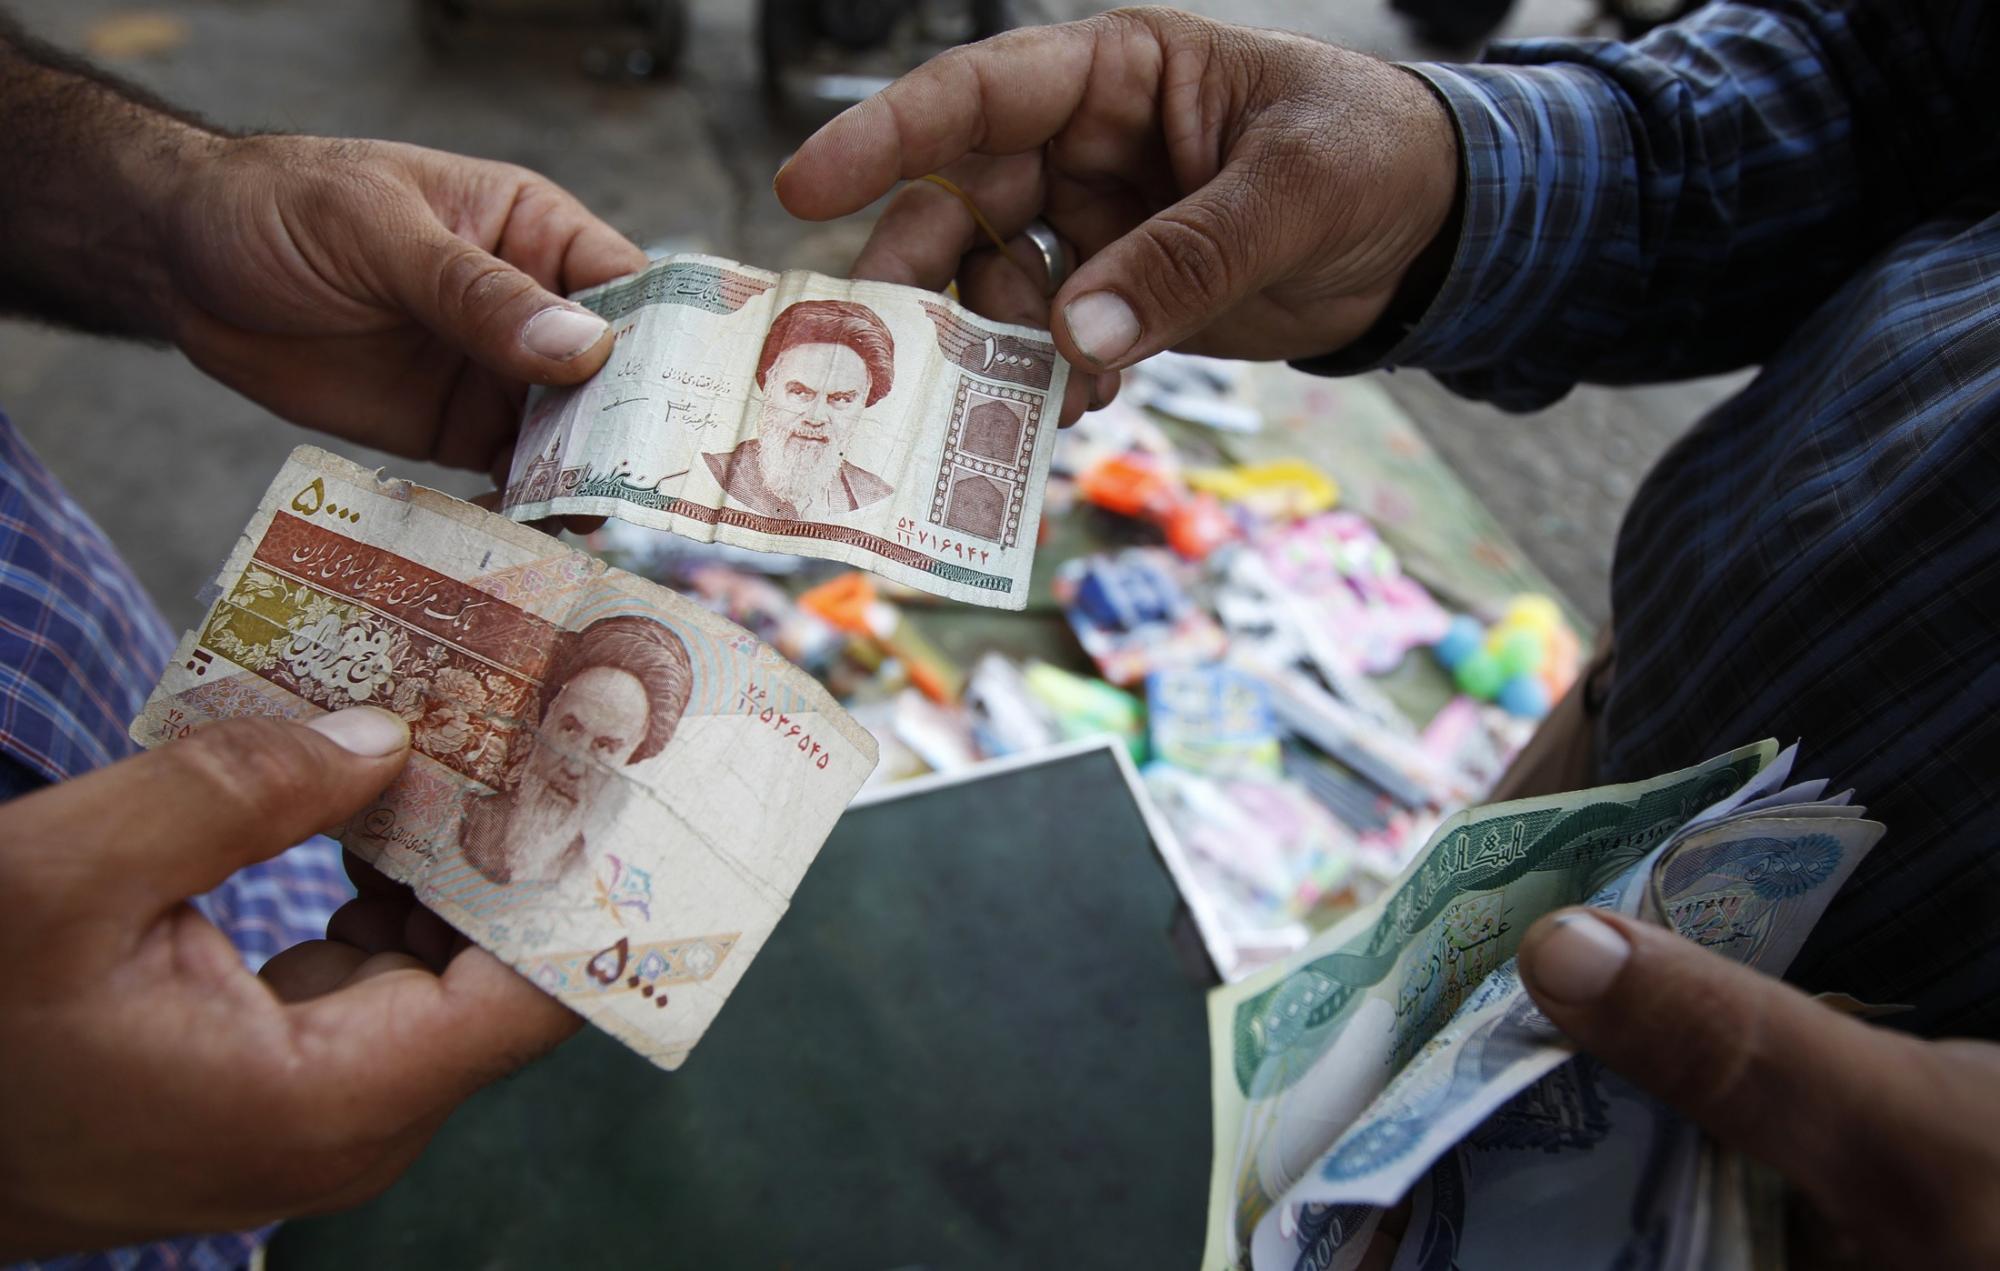 伊朗/一名消费者在兑换伊朗货币里亚尔。(资料图片)